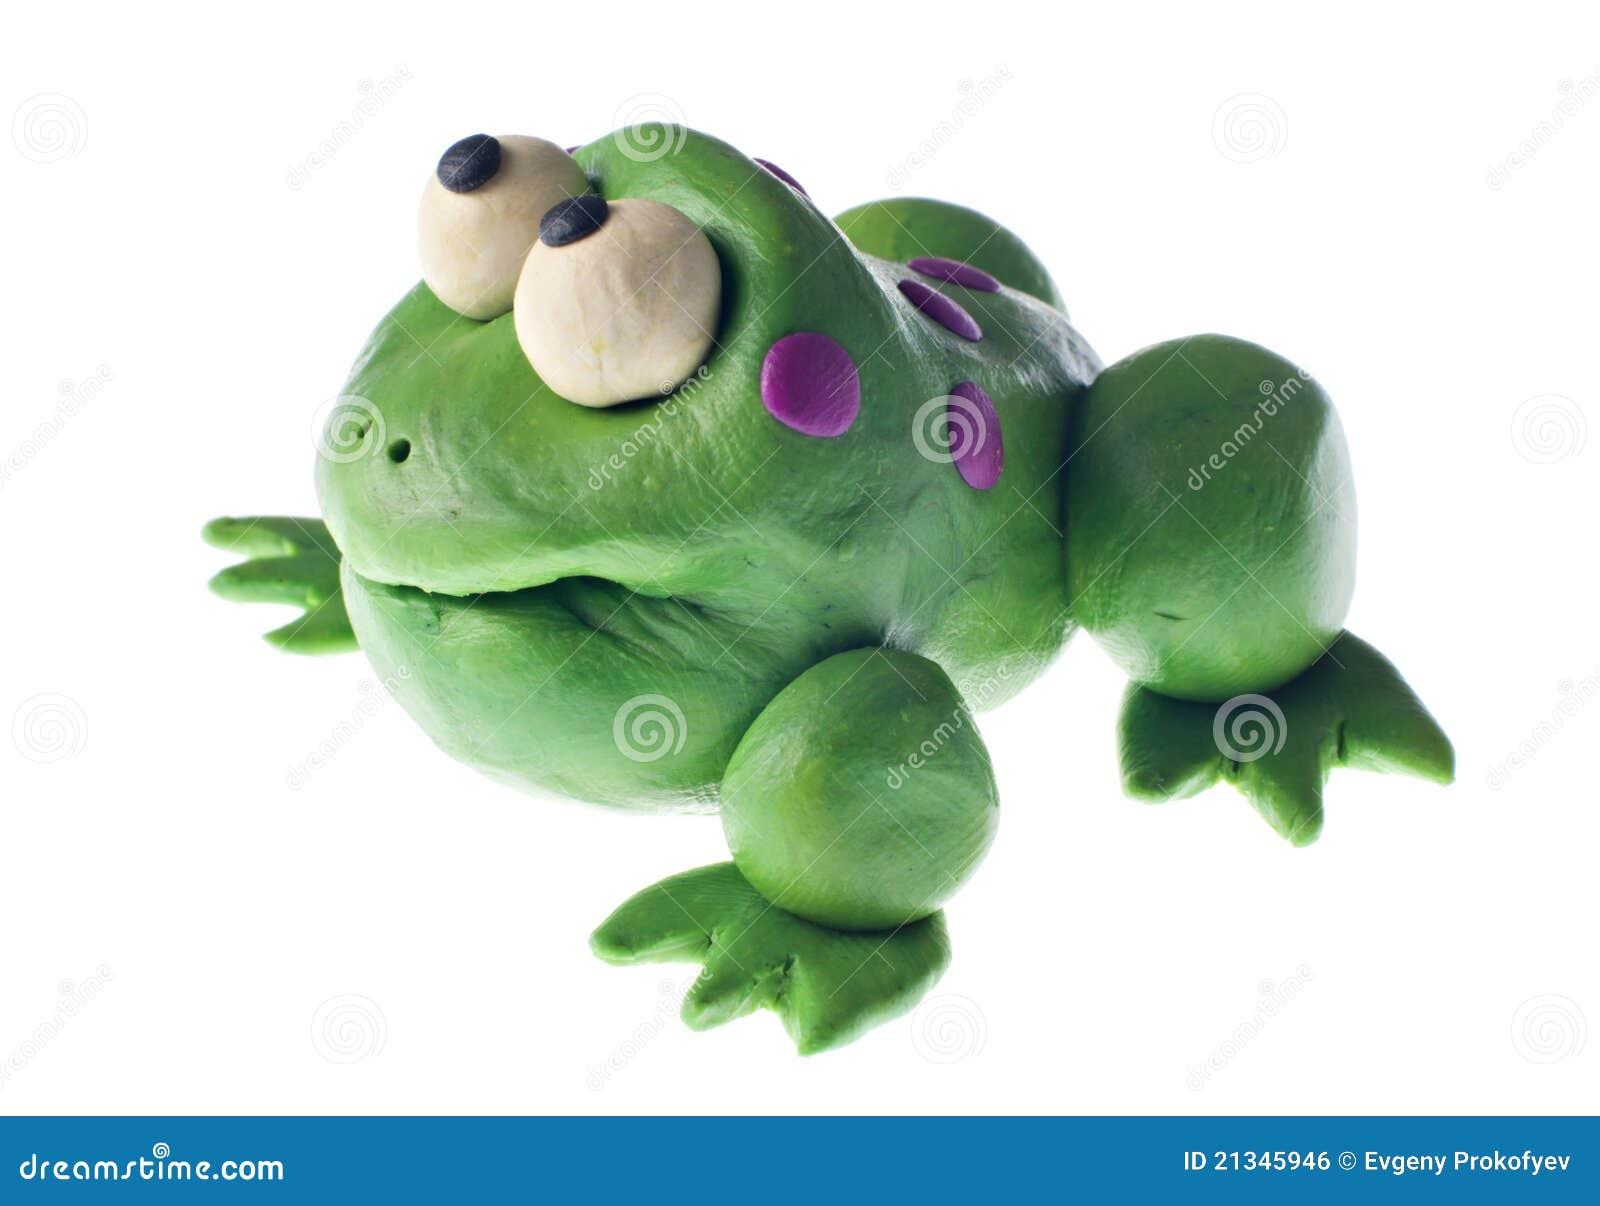 grenouille de p 226 te 224 modeler image libre de droits image 21345946